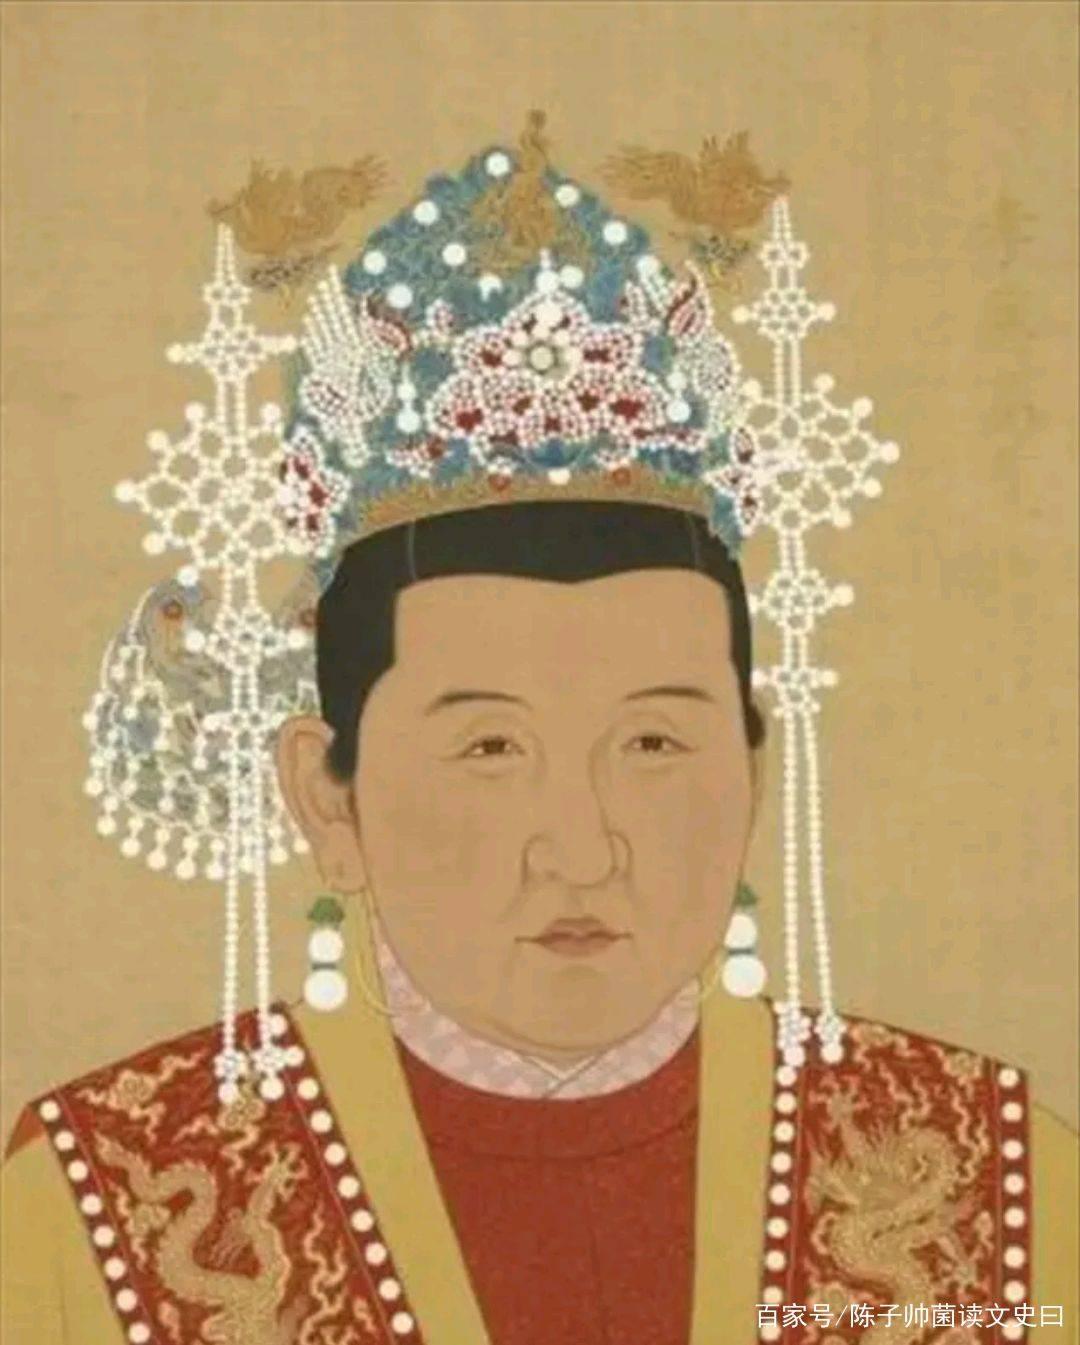 唐朝皇后服饰图片